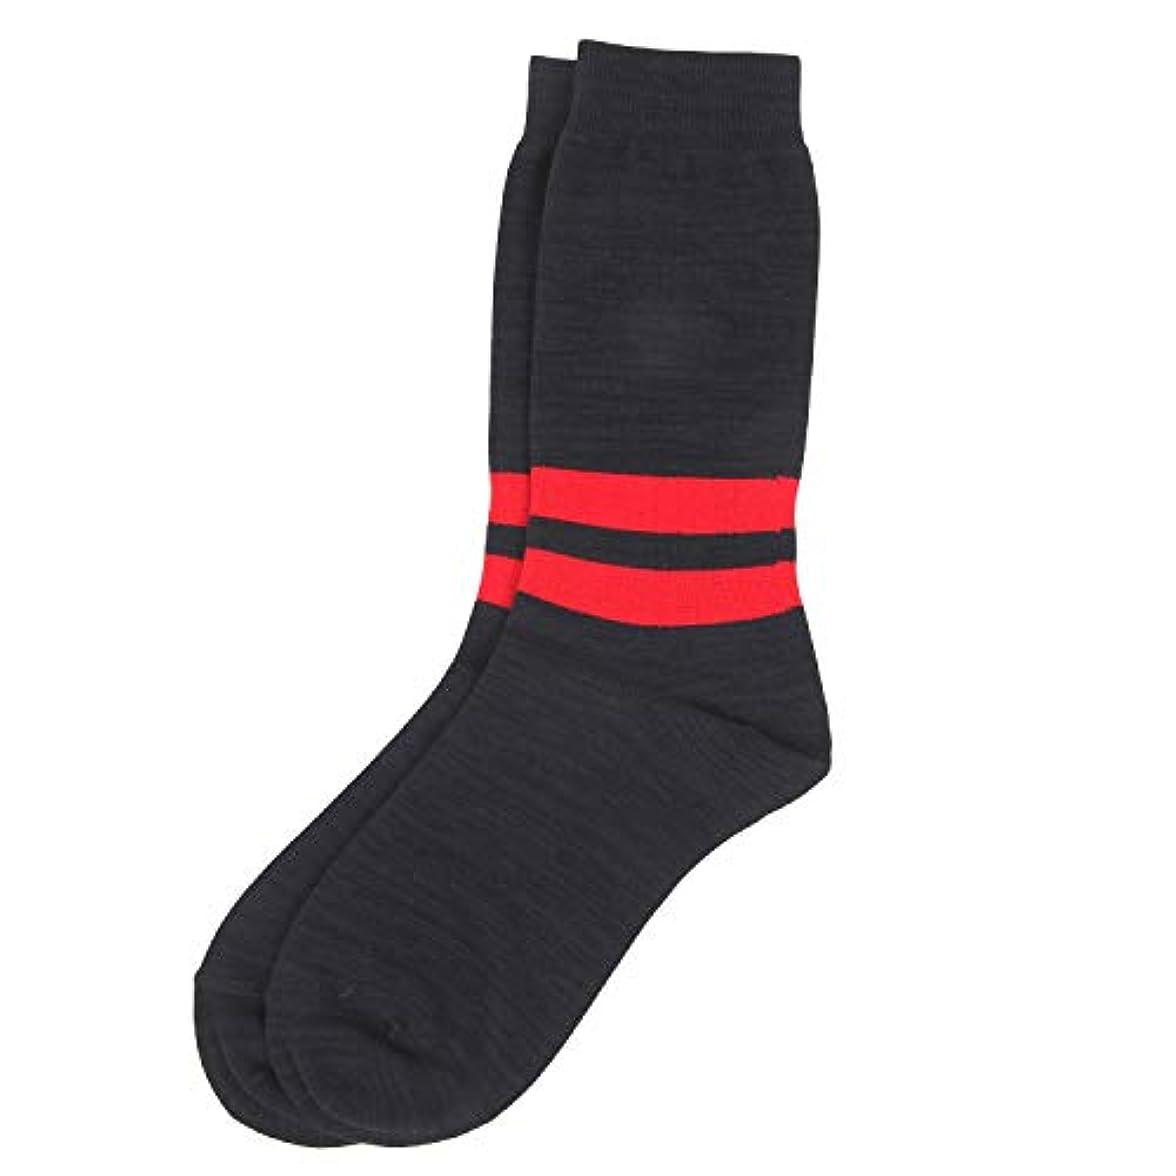 ペルセウスコックにはまってDeol(デオル) ラインソックス 男性用 メンズ [足のニオイ対策] 長期間持続 日本製 無地 靴下 紺 25cm-27cm